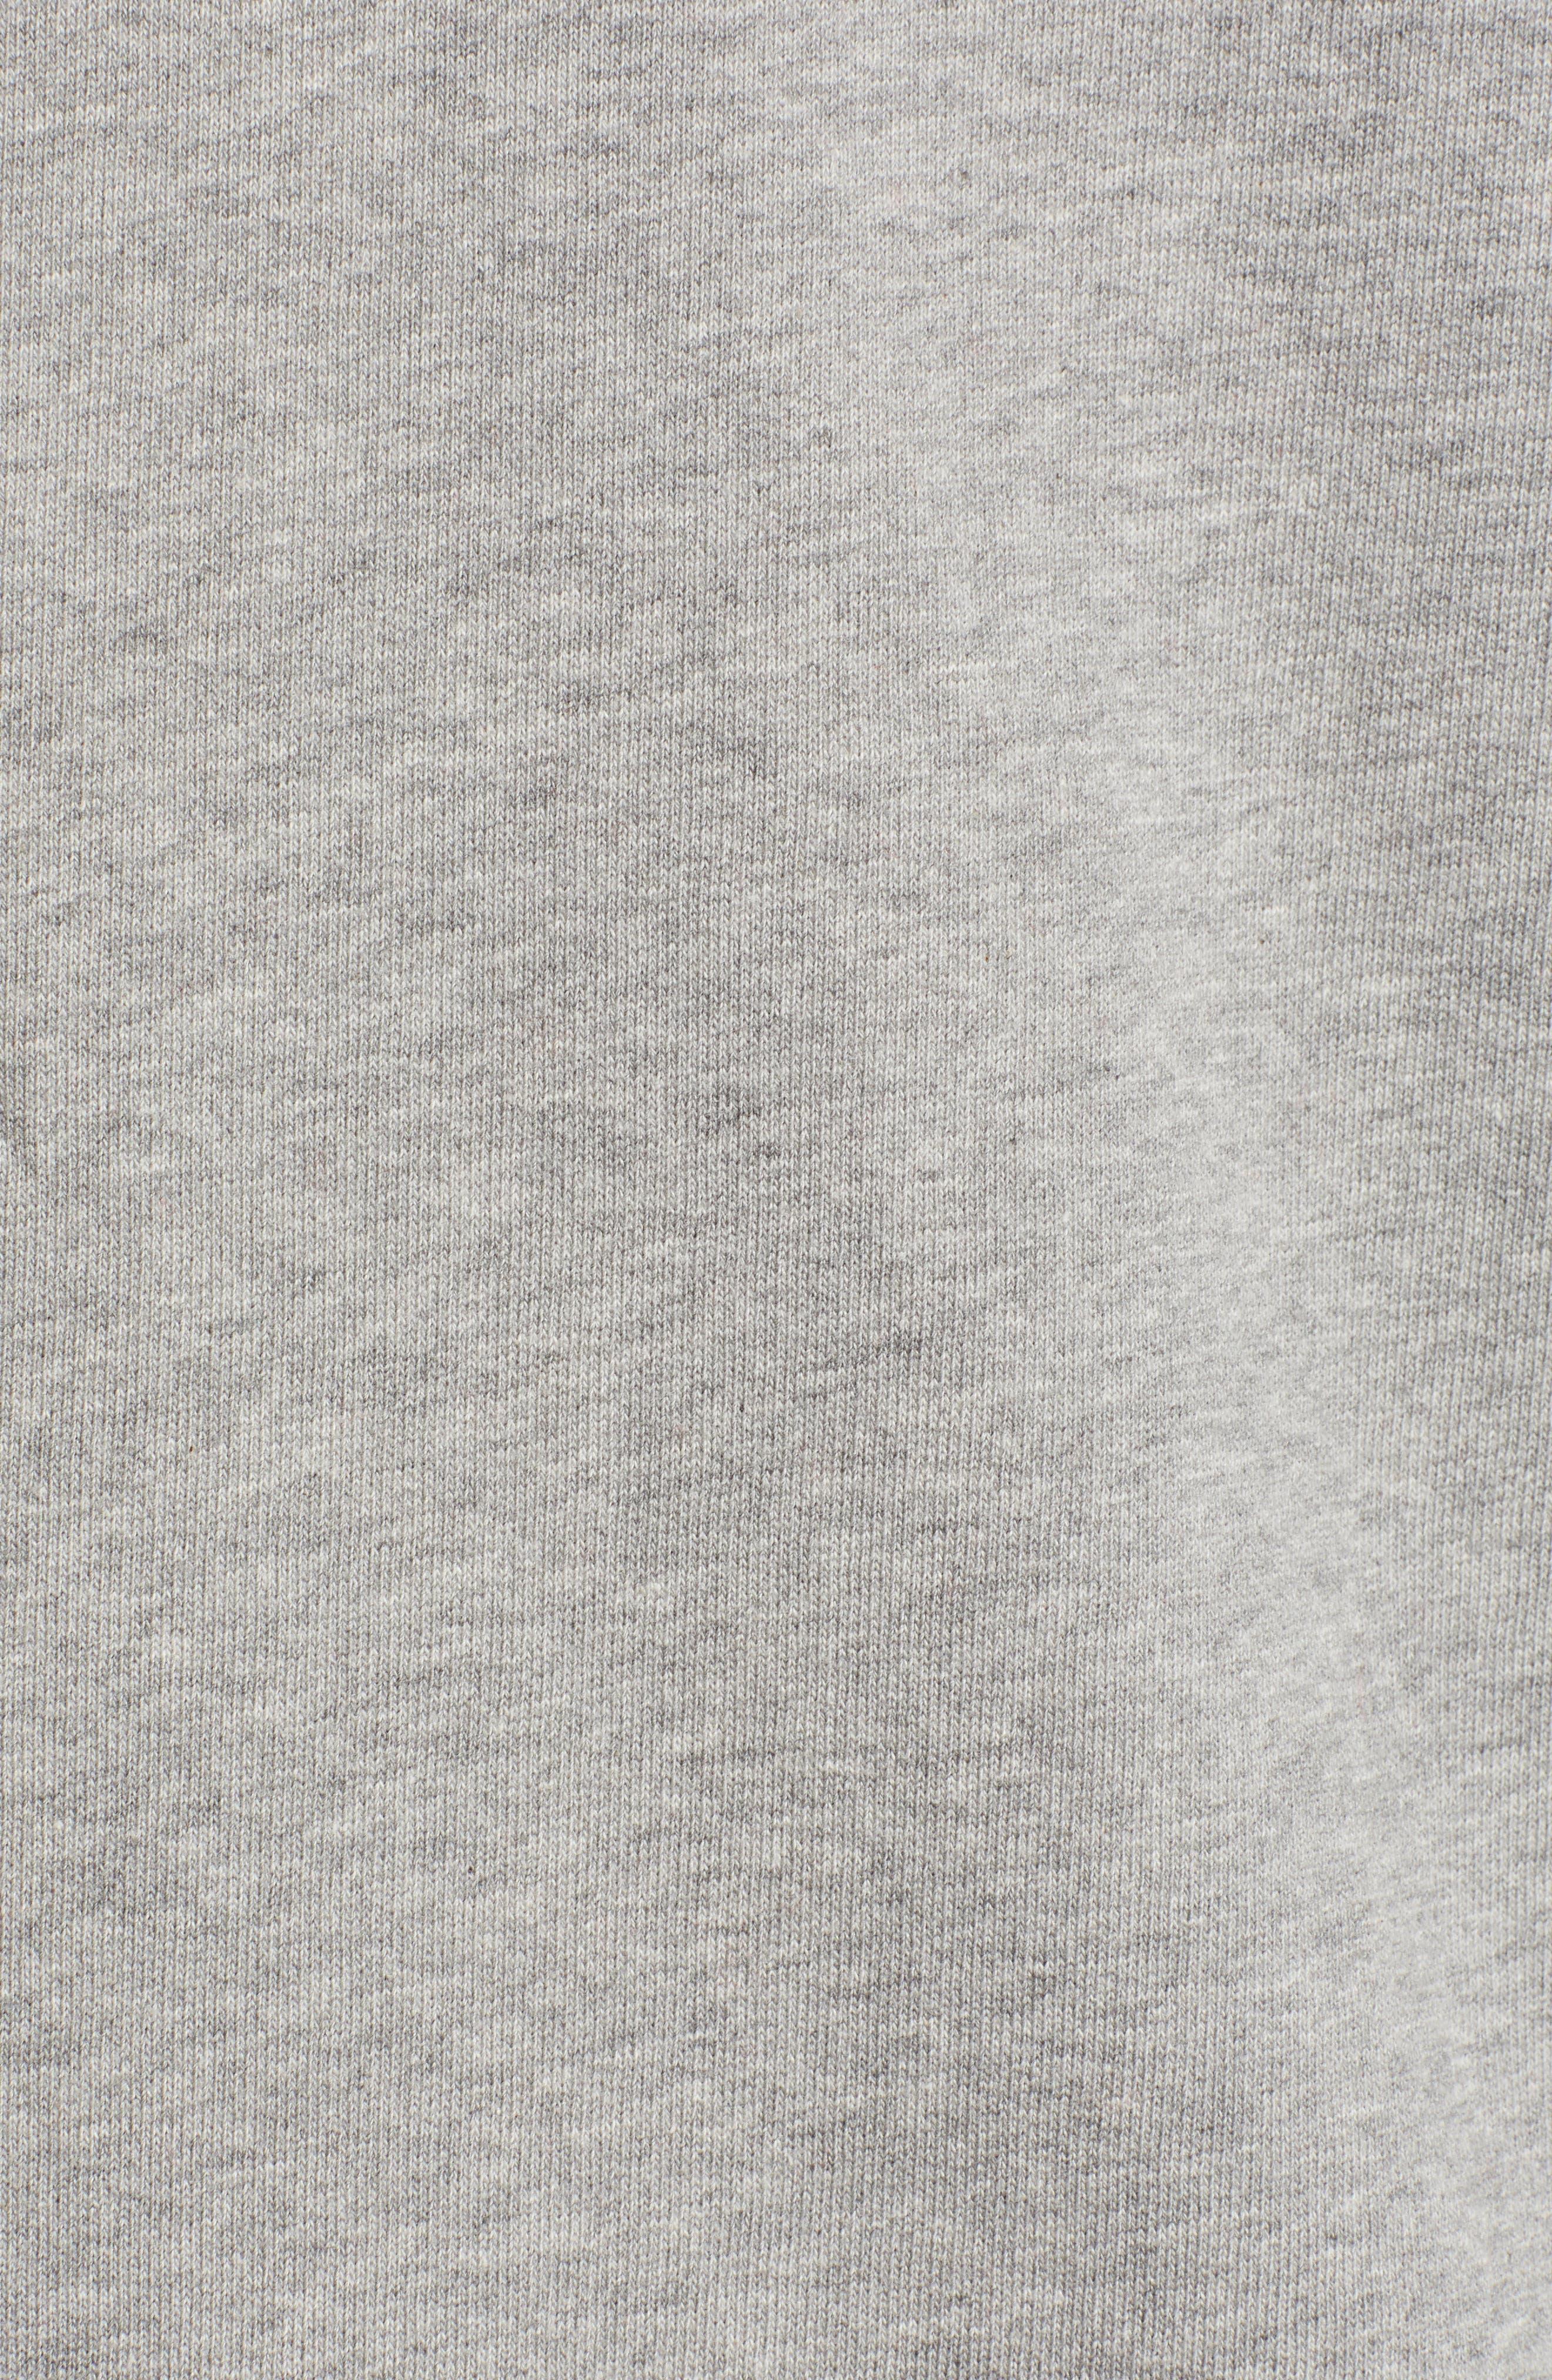 Pause Hooded Zip Sweatshirt,                             Alternate thumbnail 5, color,                             GREY MELANGE